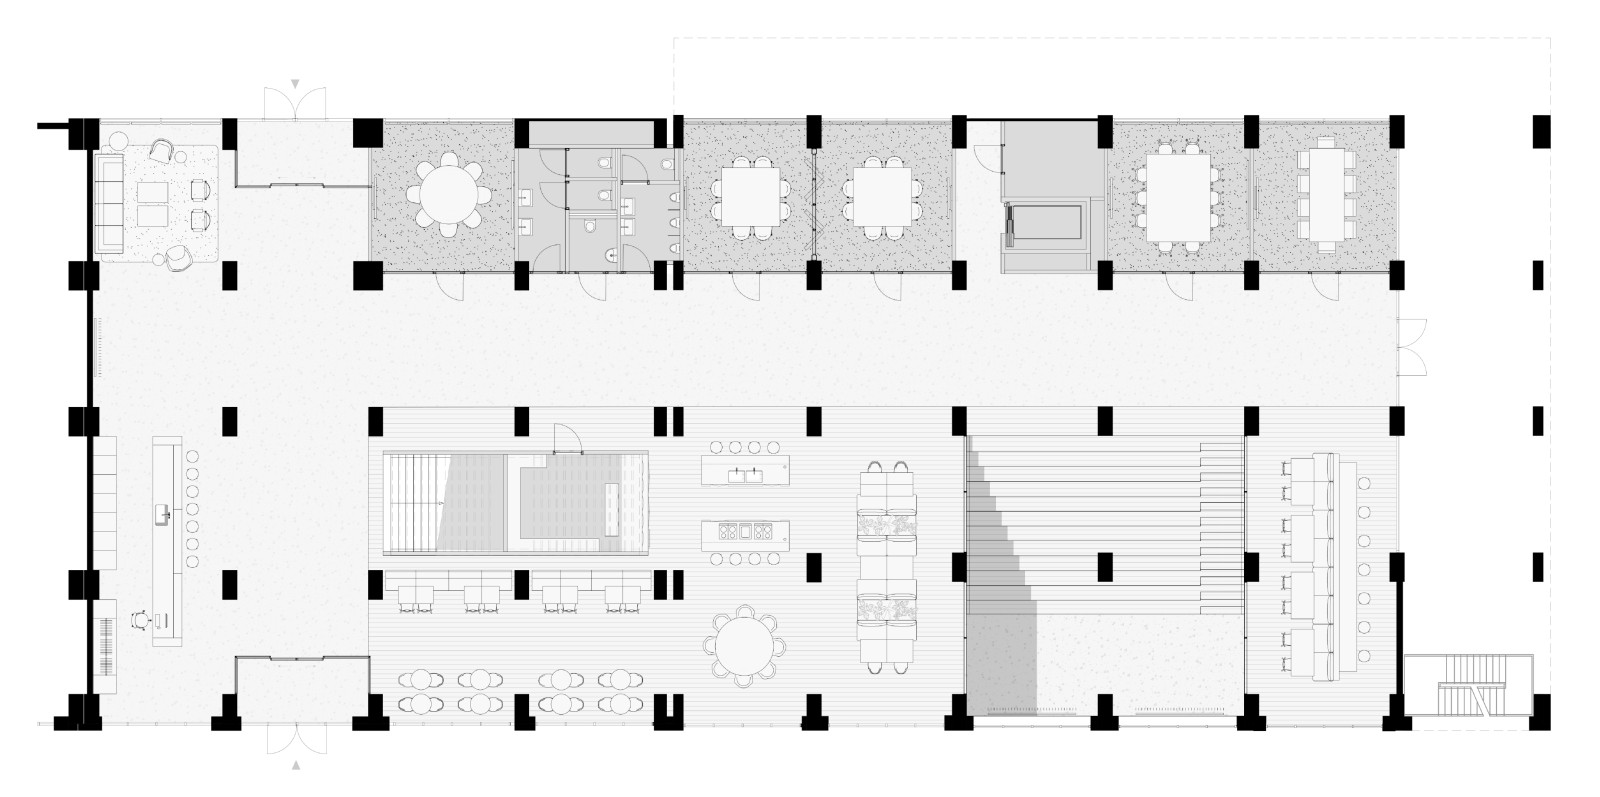 KB building